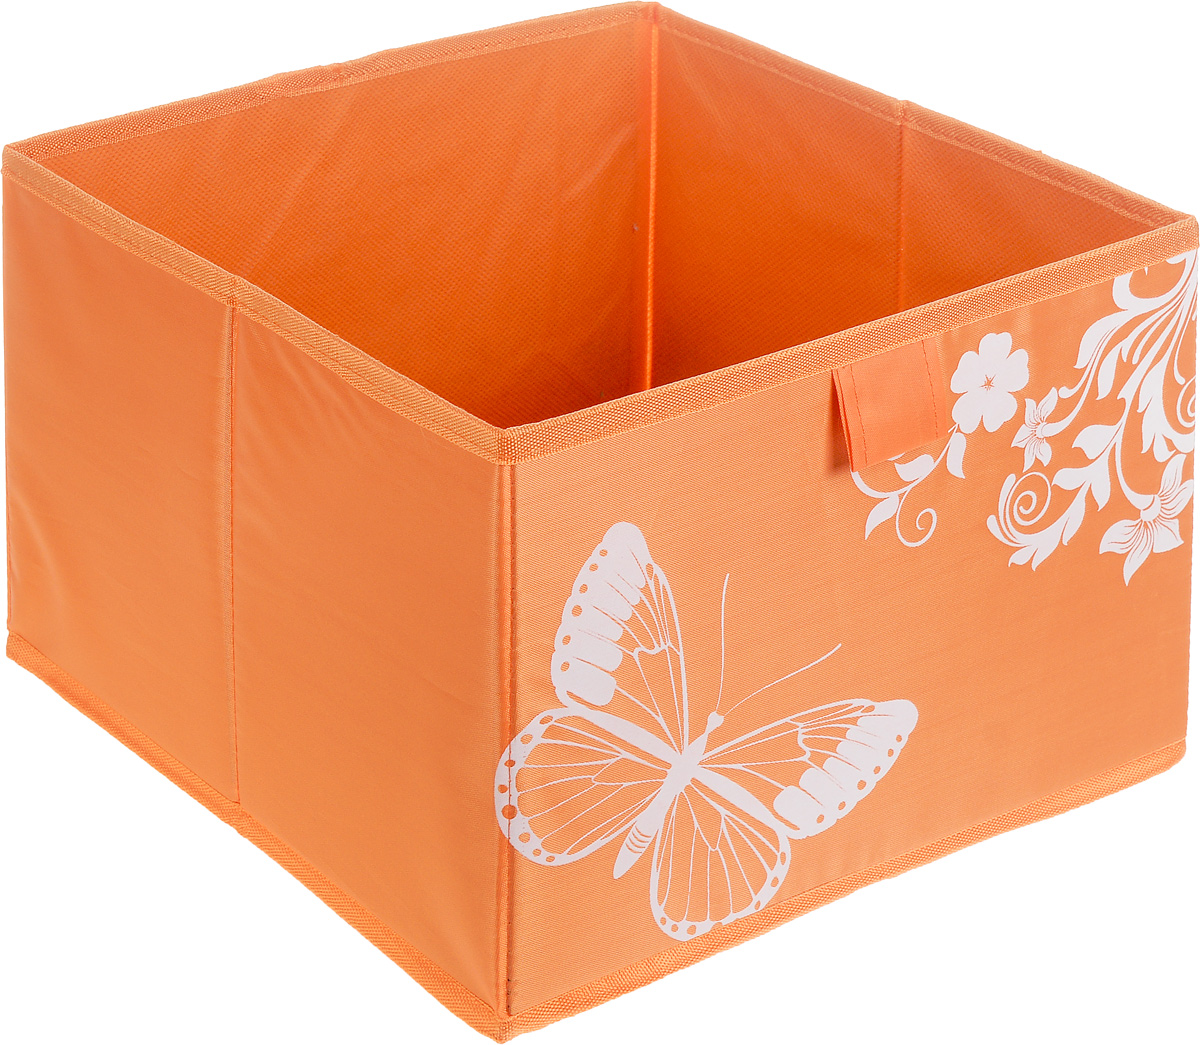 """Коробка для хранения Hausmann """"Butterfly"""" поможет легко организовать пространство в шкафу или в гардеробе. Изделие выполнено из нетканого материала и полиэстера. Коробка держит форму благодаря жесткой вставке из картона, которая устанавливается на дно. Боковая поверхность оформлена красивым принтом с изображением бабочек. В такой коробке удобно хранить нижнее белье, ремни и различные аксессуары."""